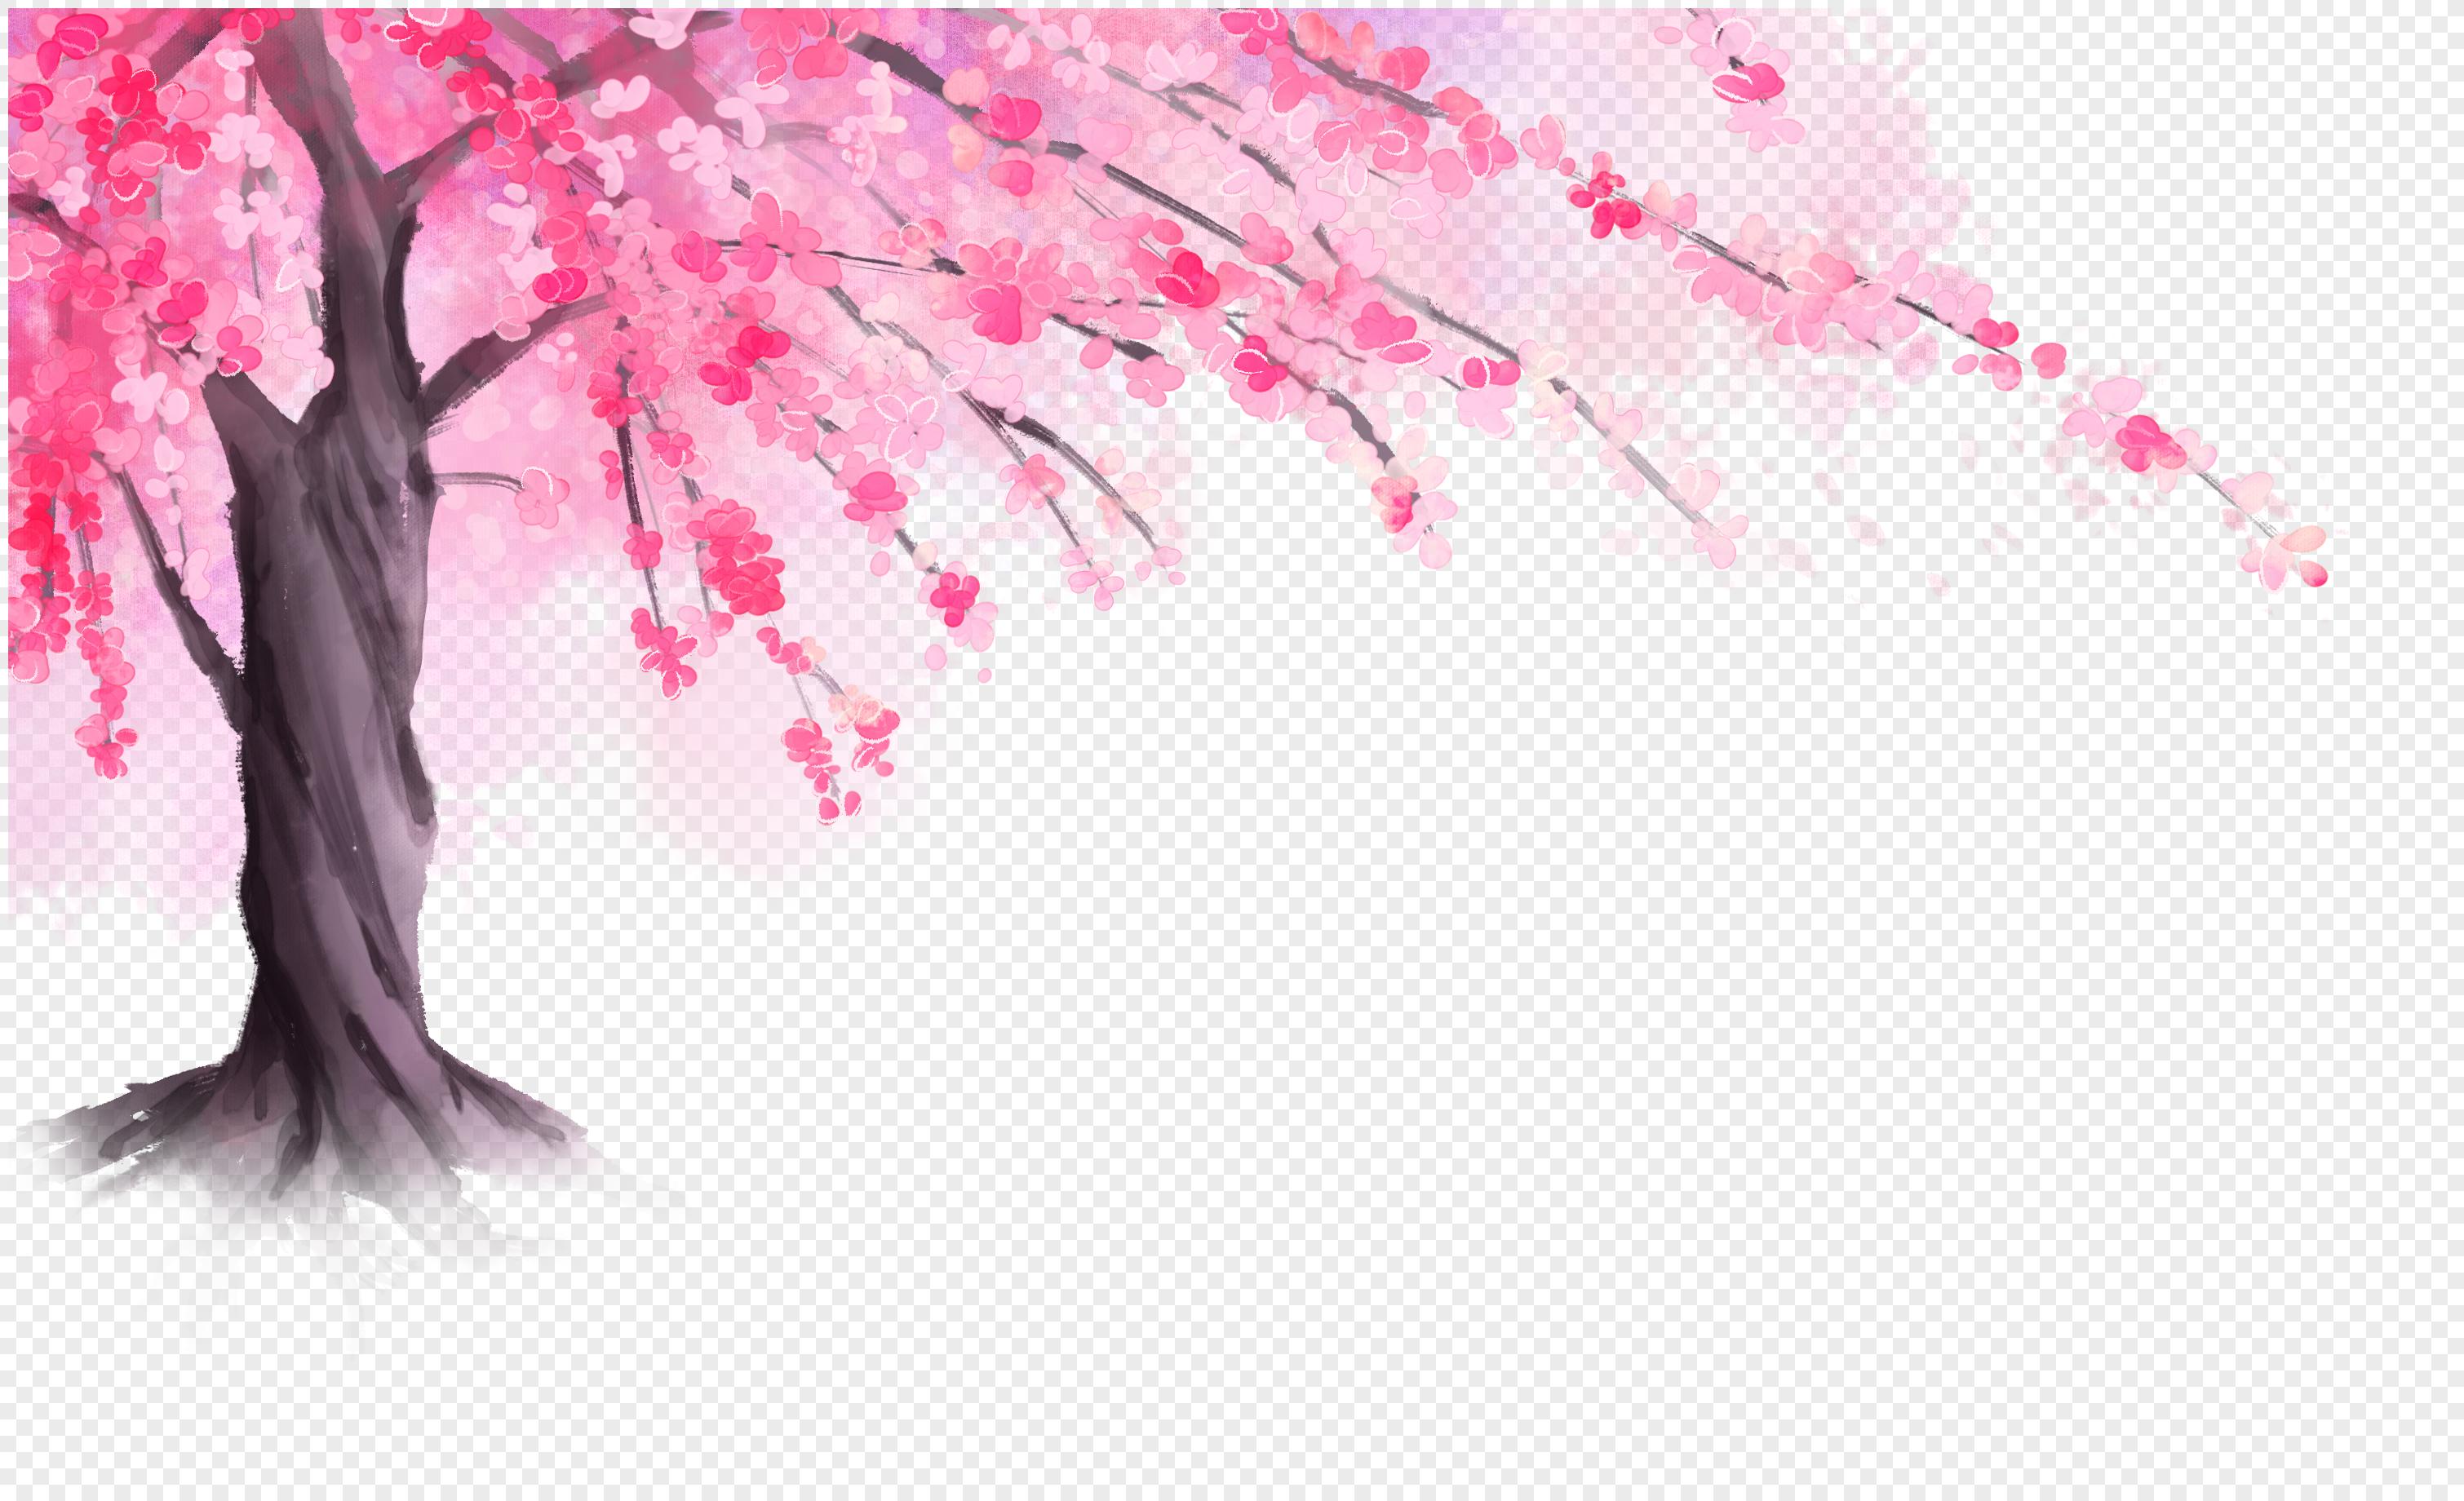 手绘樱花树